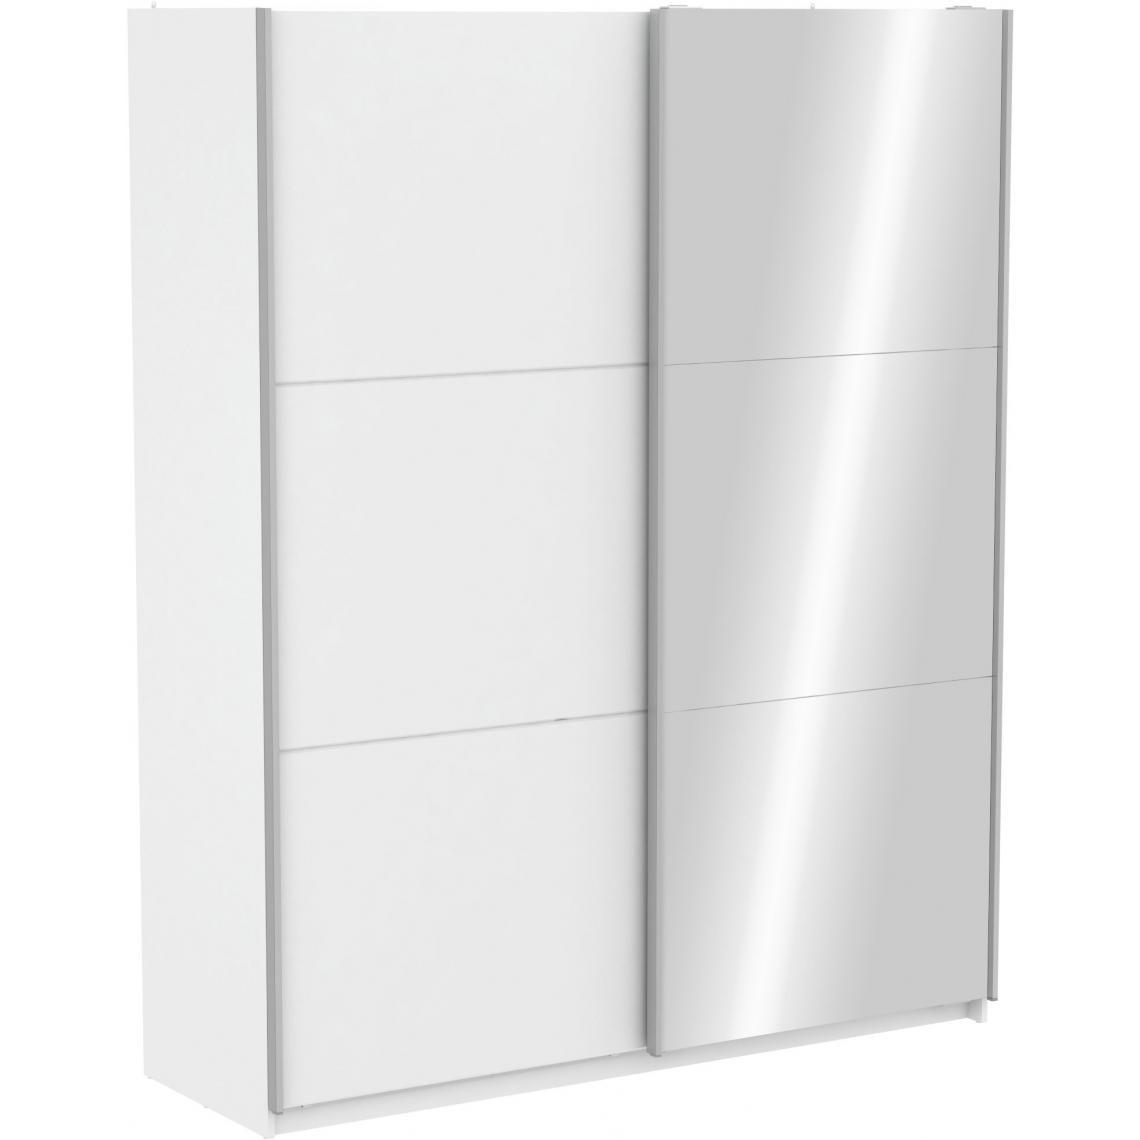 Armoire Avec 1 Porte Coulissante Blanche Et 1 Porte Coulissante Miroir 180cm Scherer 3 Suisses